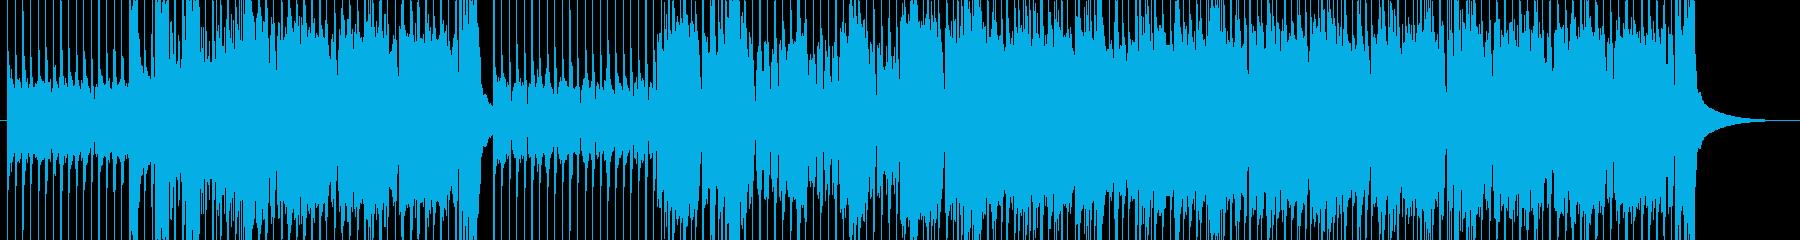 重々しくかっこいい歌もの風ハードロックの再生済みの波形